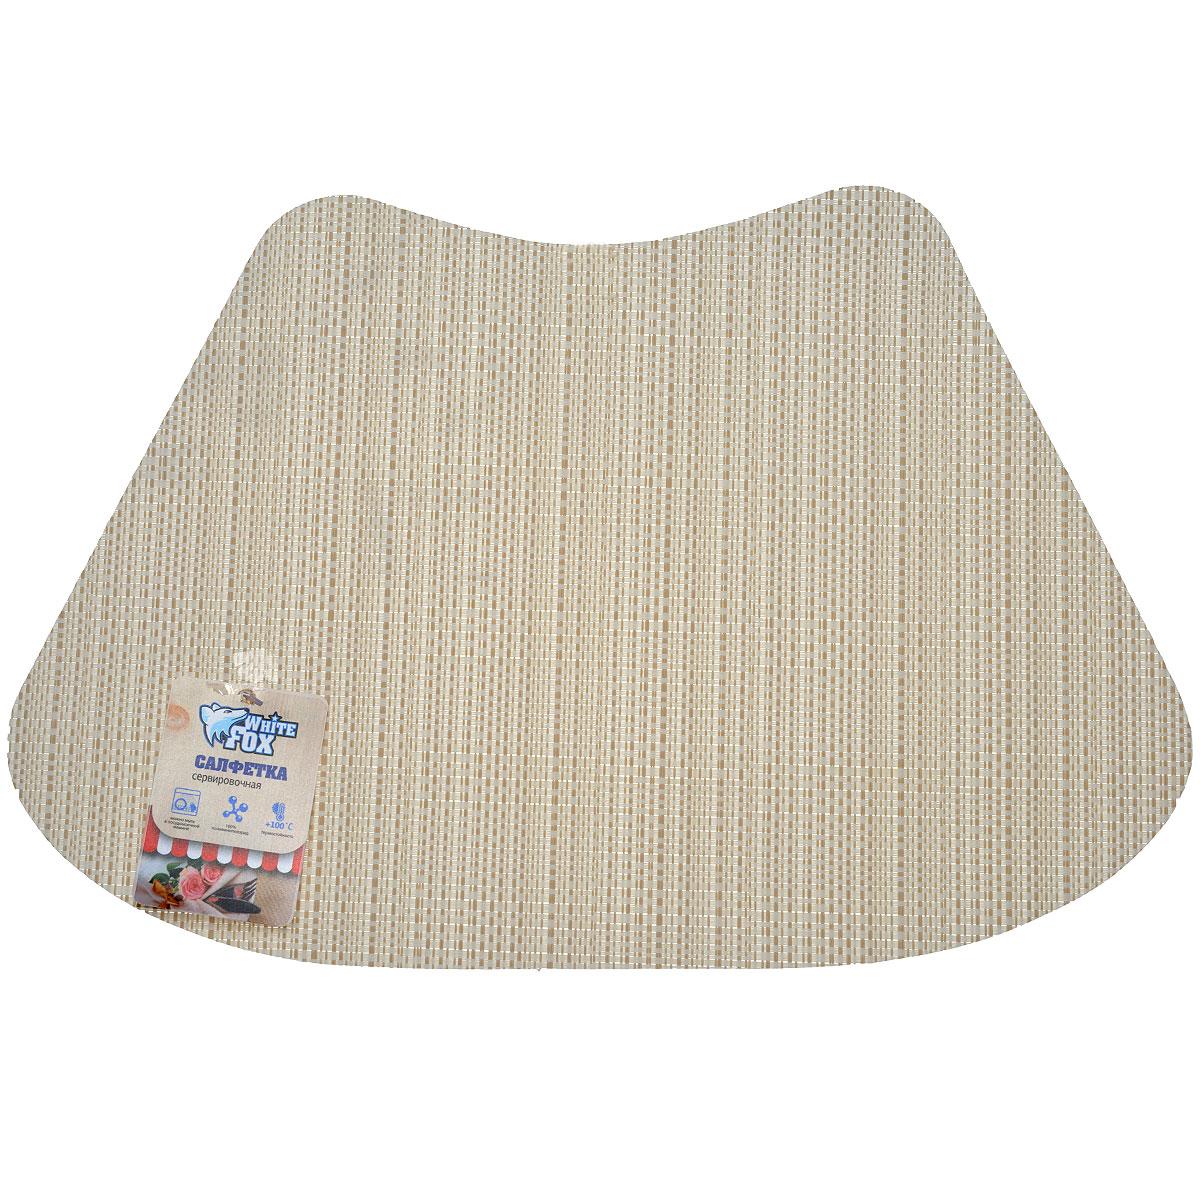 Салфетка сервировочная White Fox Трапеция, цвет: бежевый, 30 x 45 см, 4 штБ0008374Салфетка White Fox Трапеция, выполненная из ПВХ, предназначена для сервировки стола. Она служит защитой от царапин и различных следов, а также используется в качестве подставки под горячее. Форма Трапеция разработана специально для наиболее удобного расположения посуды и столовых приборов.